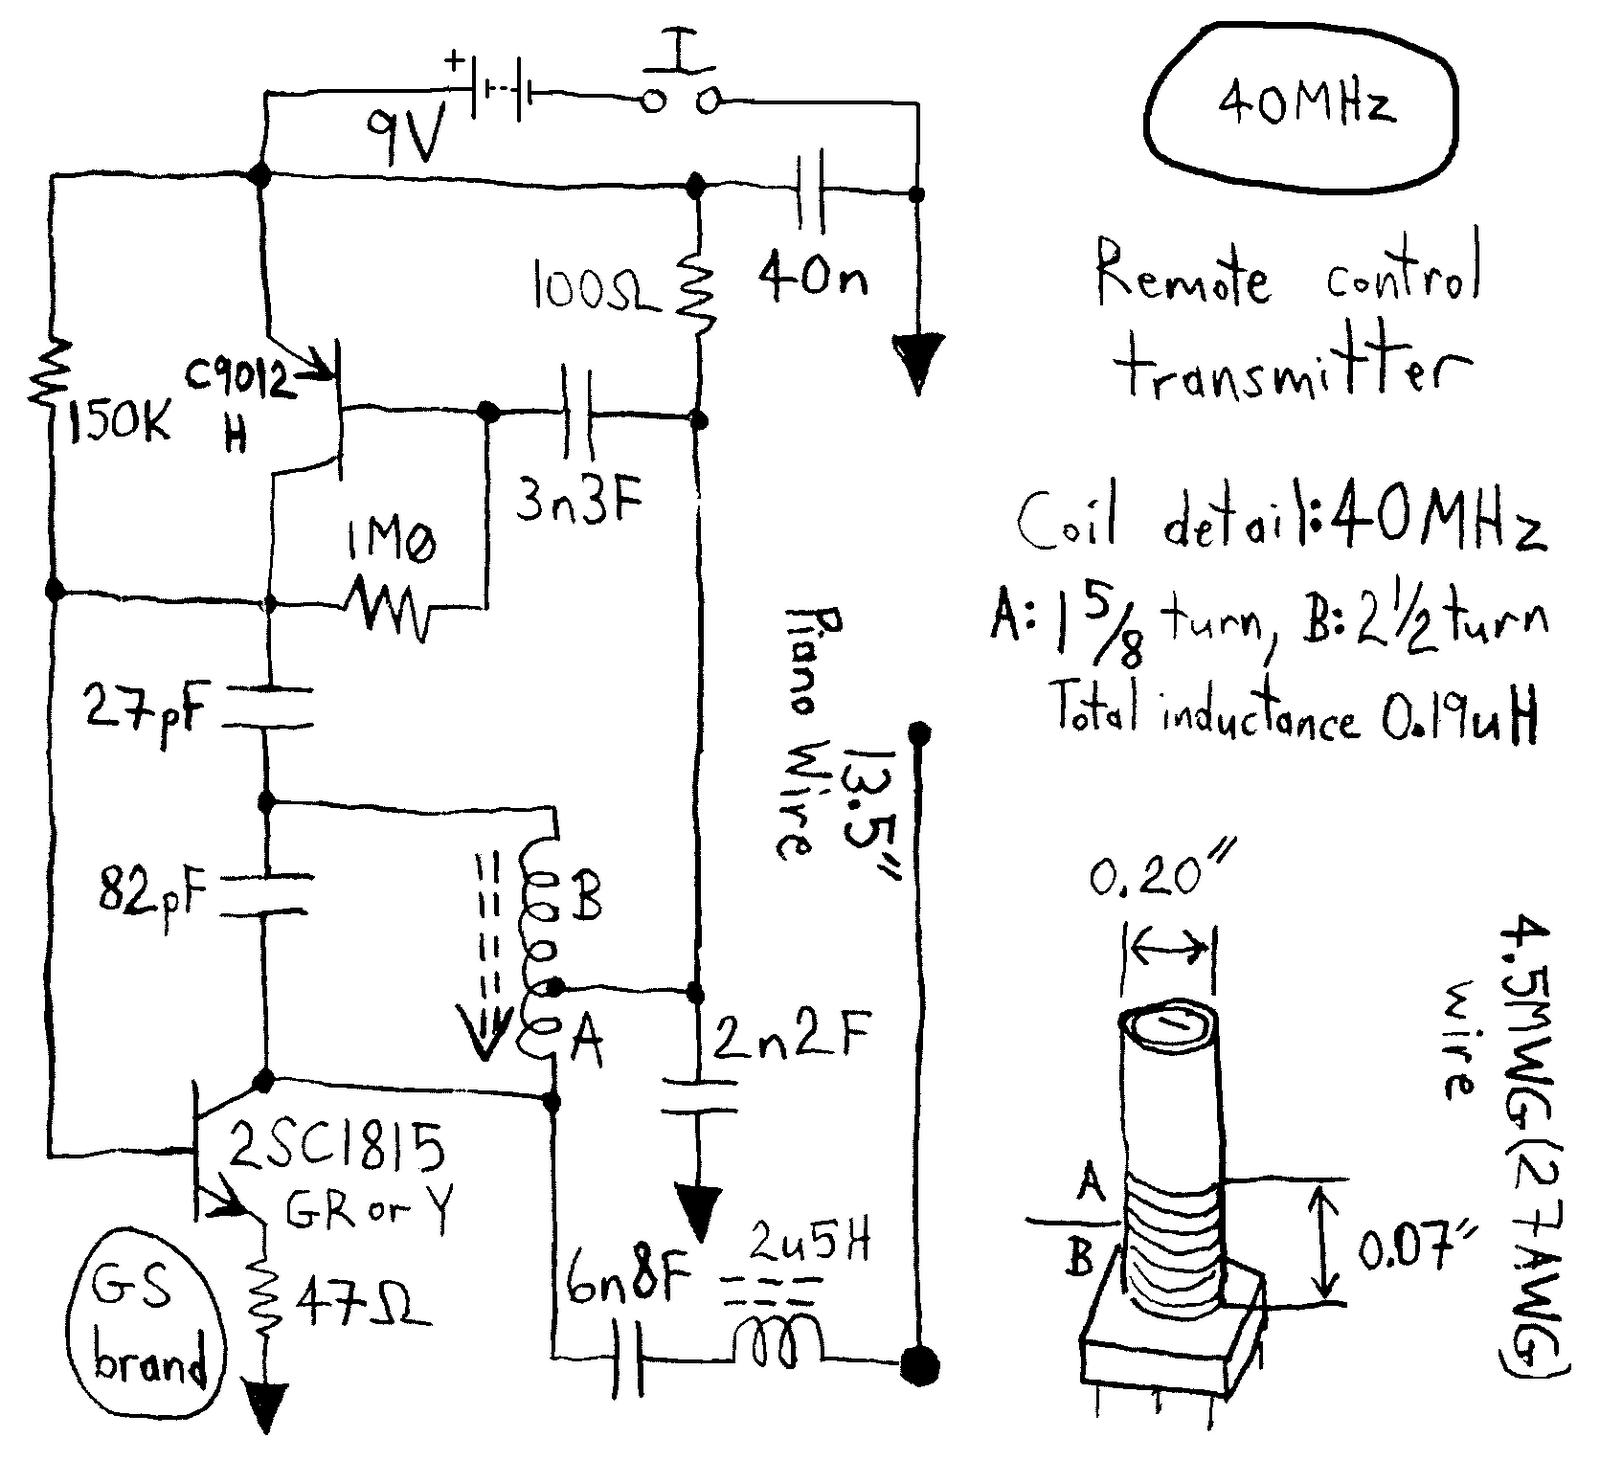 Eletronica Do Papai Noel Circuitos De 27 40 E 49 Mhz